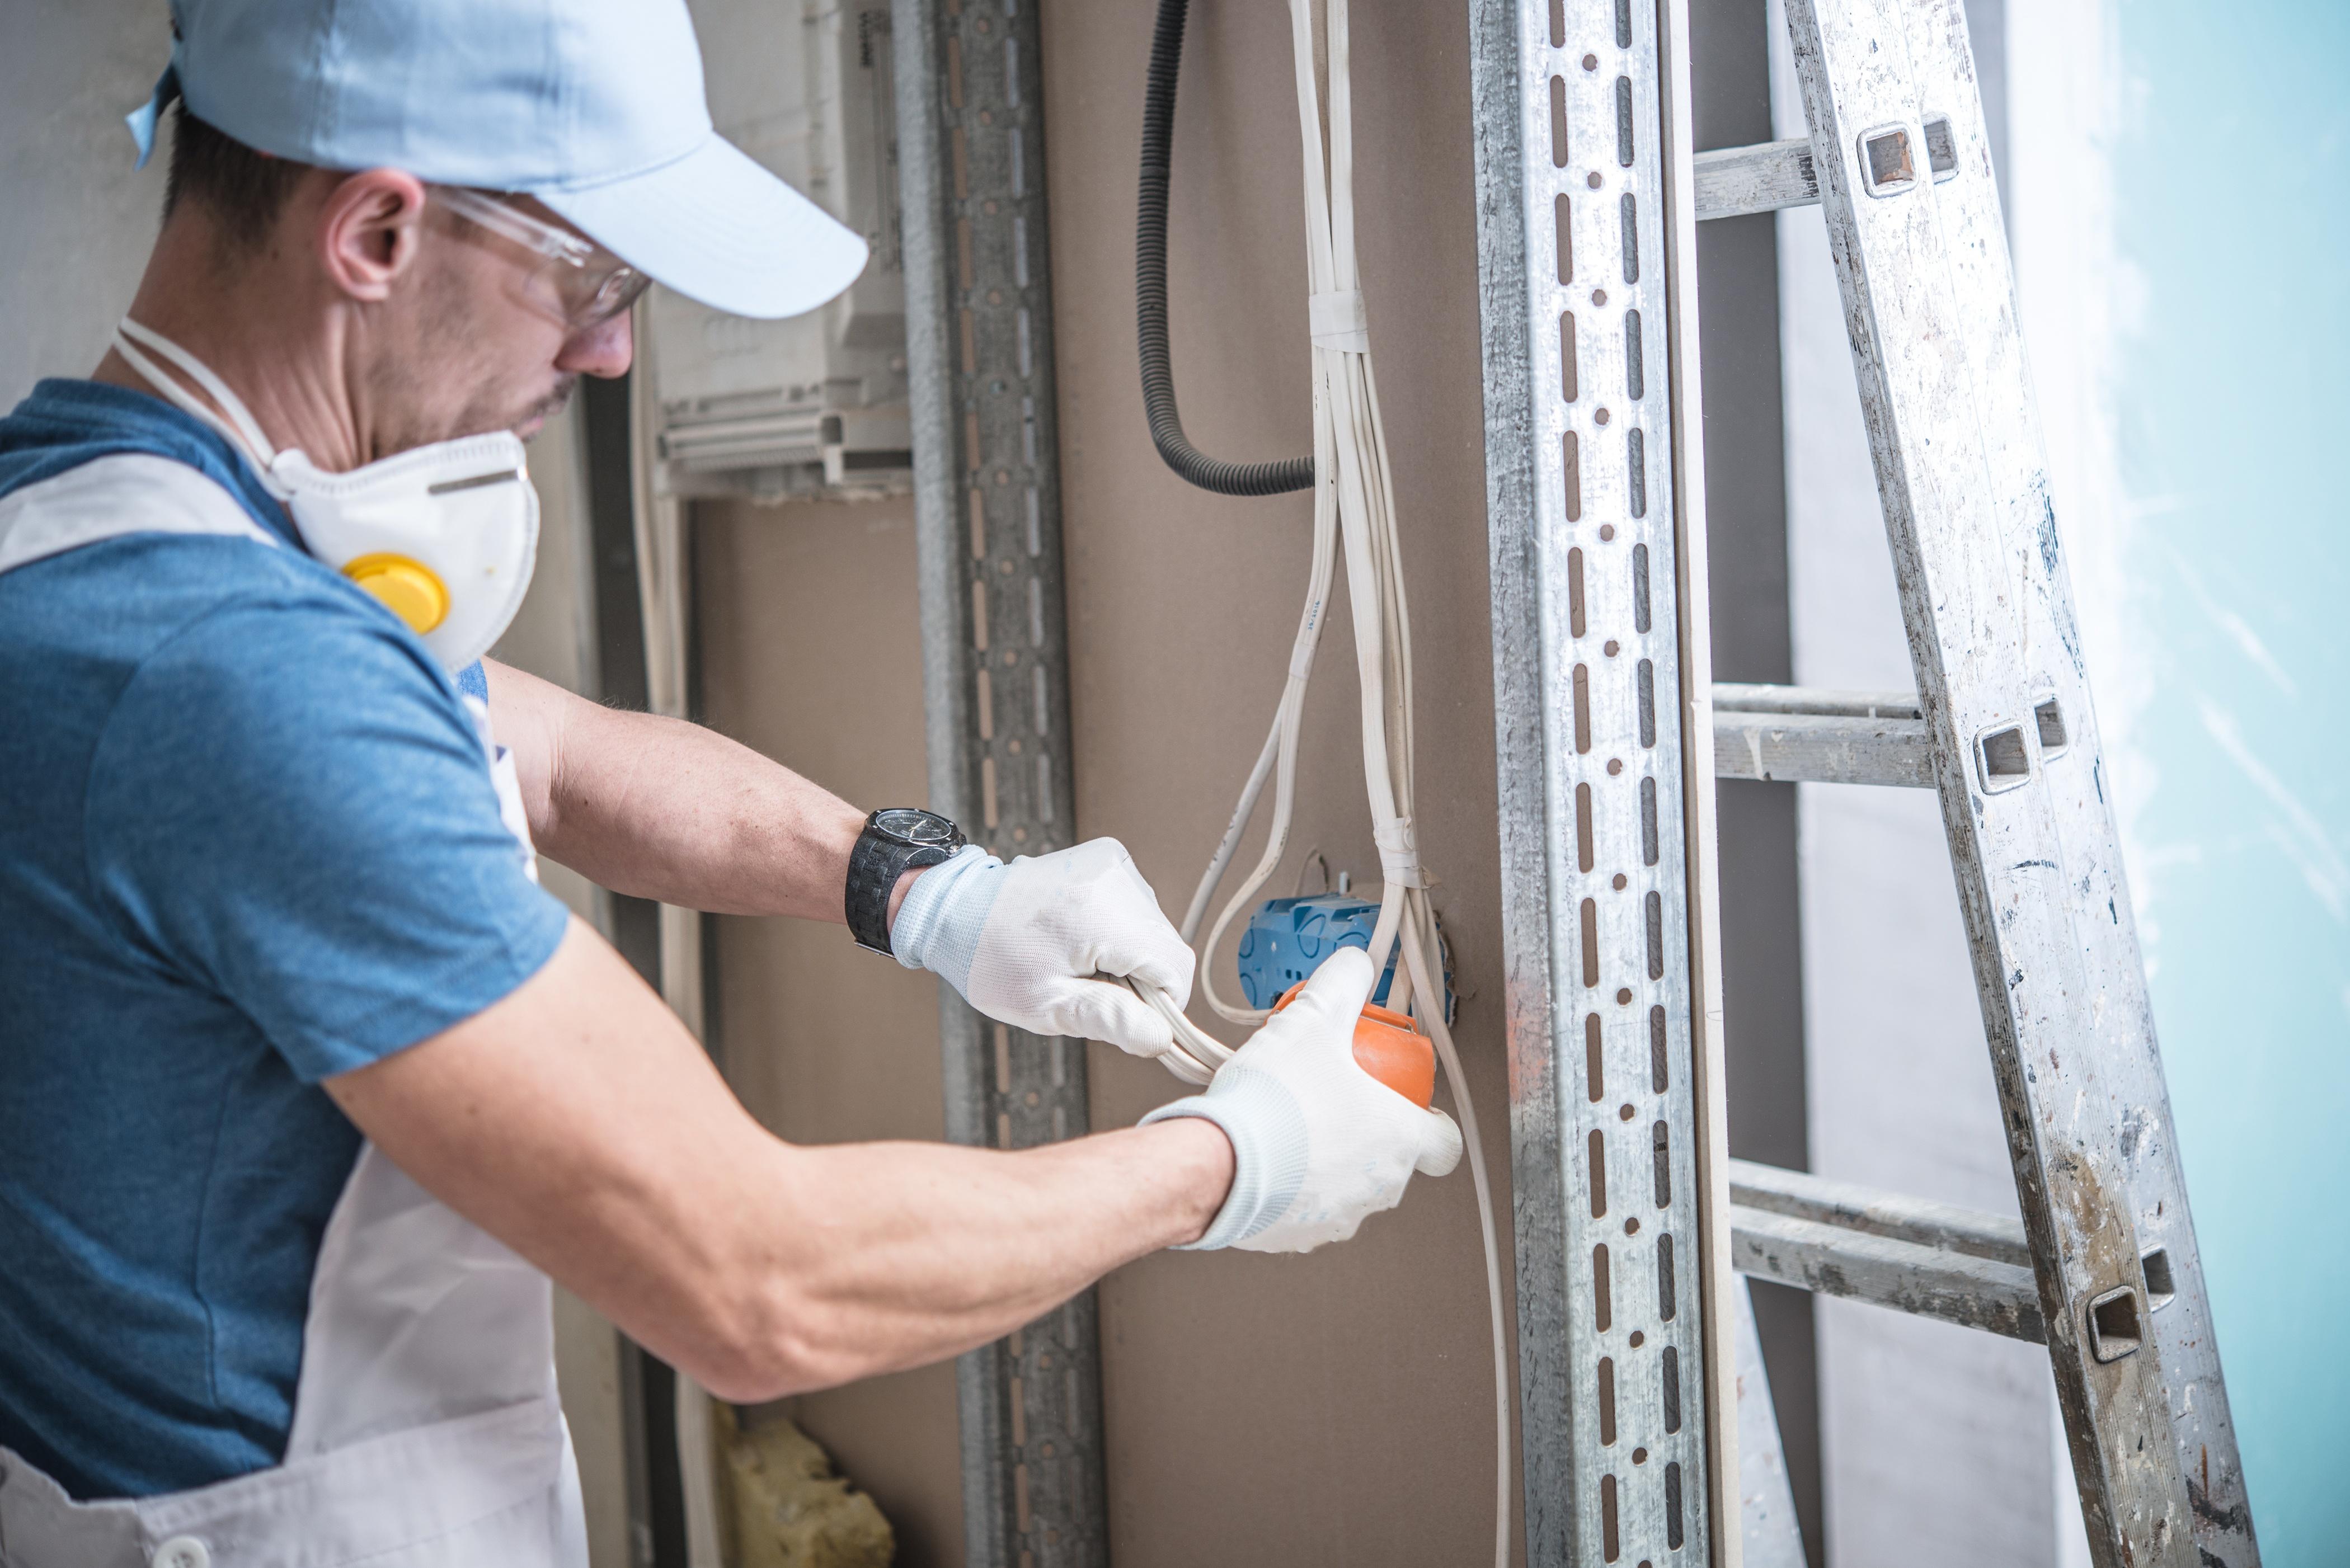 Pracownicy z Ukrainy — wykwalifikowani pracownicy za niewielkie koszty